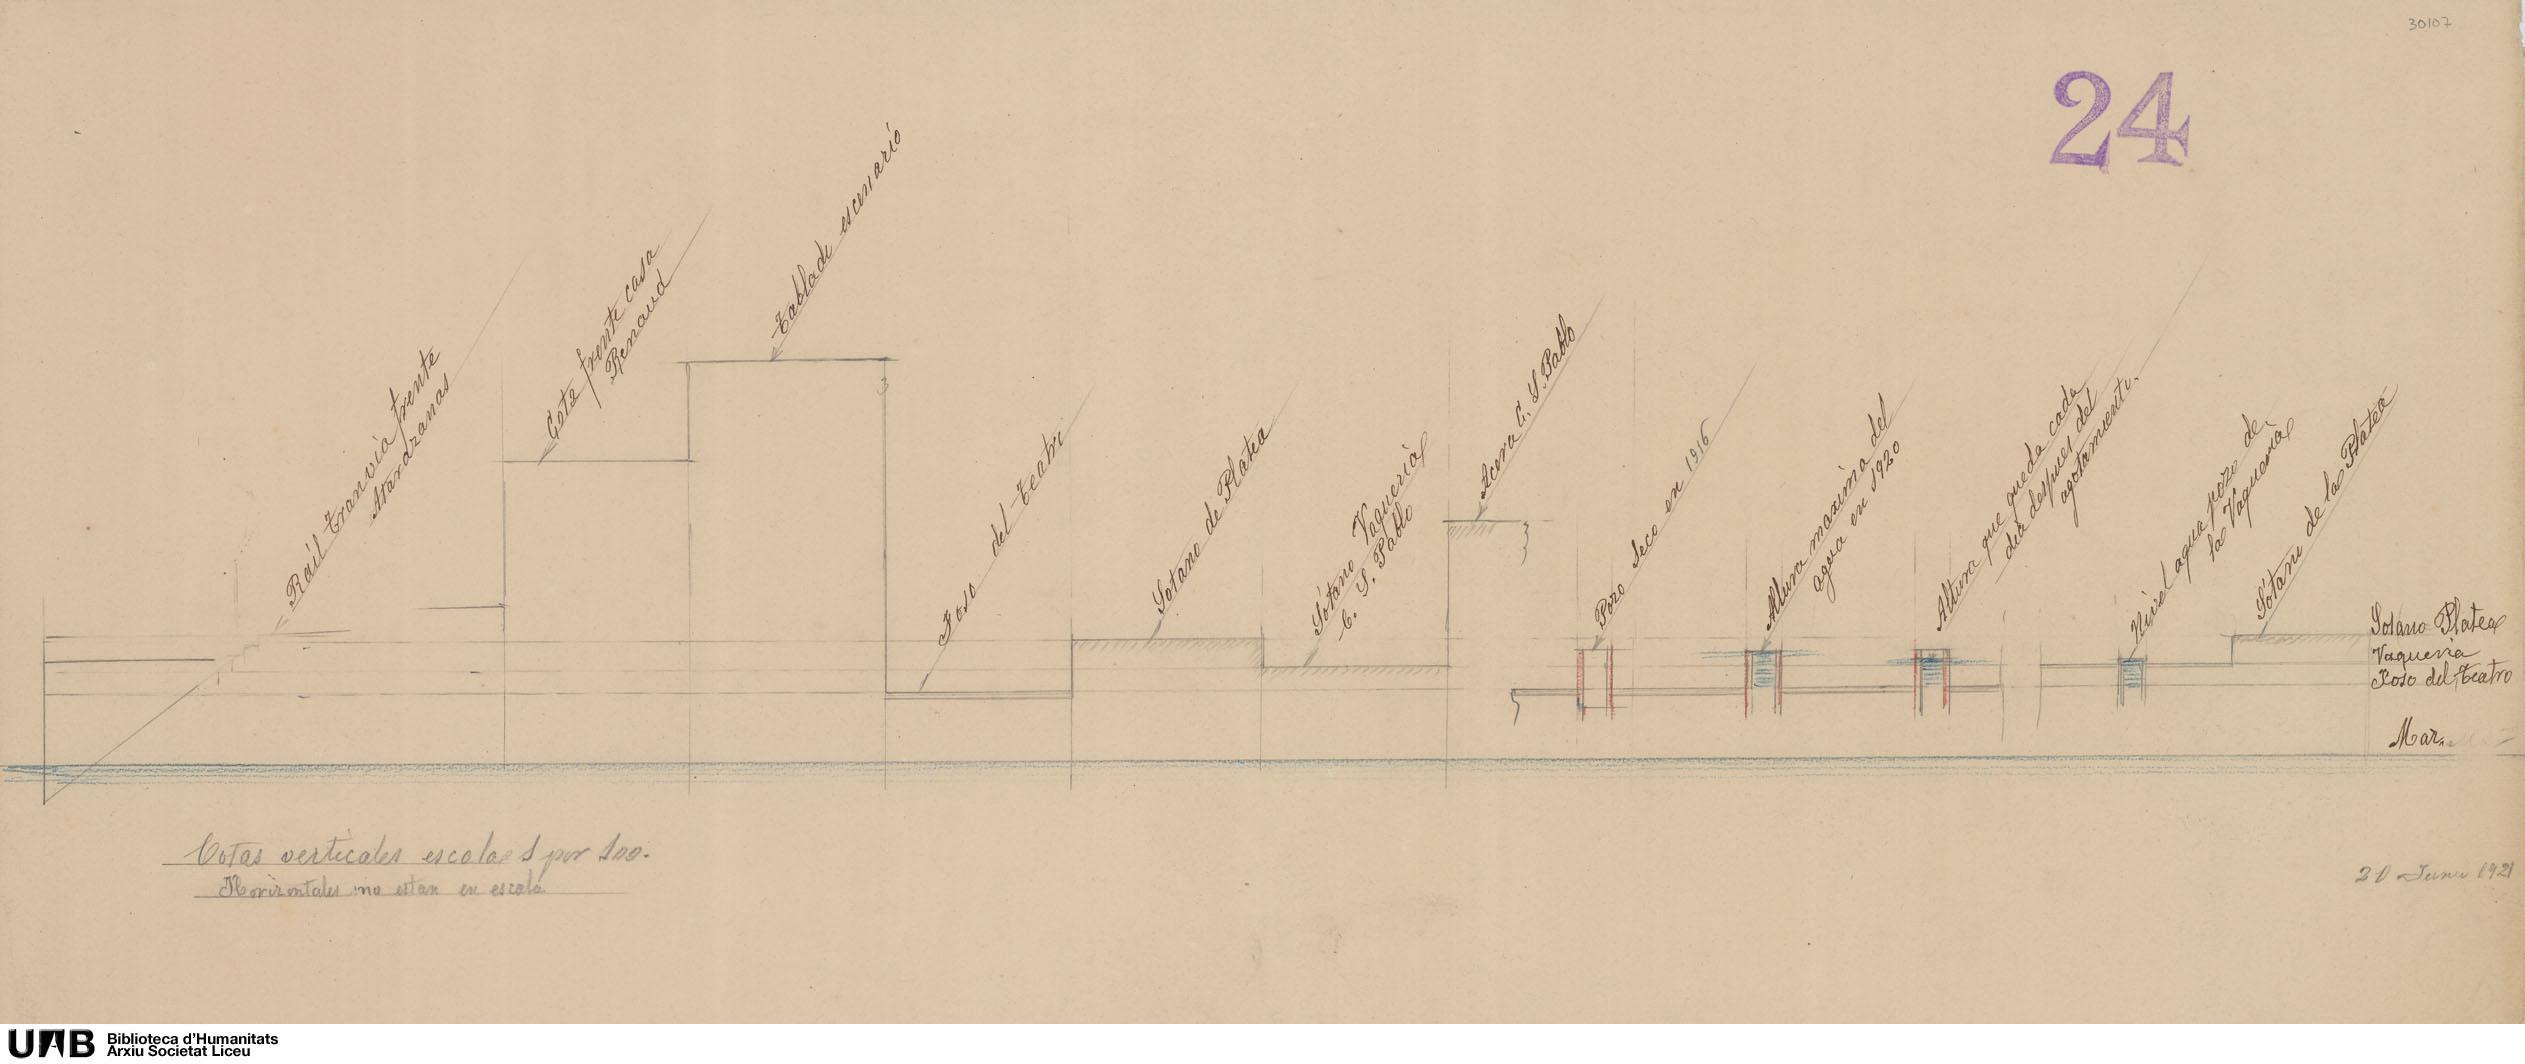 Plano comparativo de cotas y niveles de agua